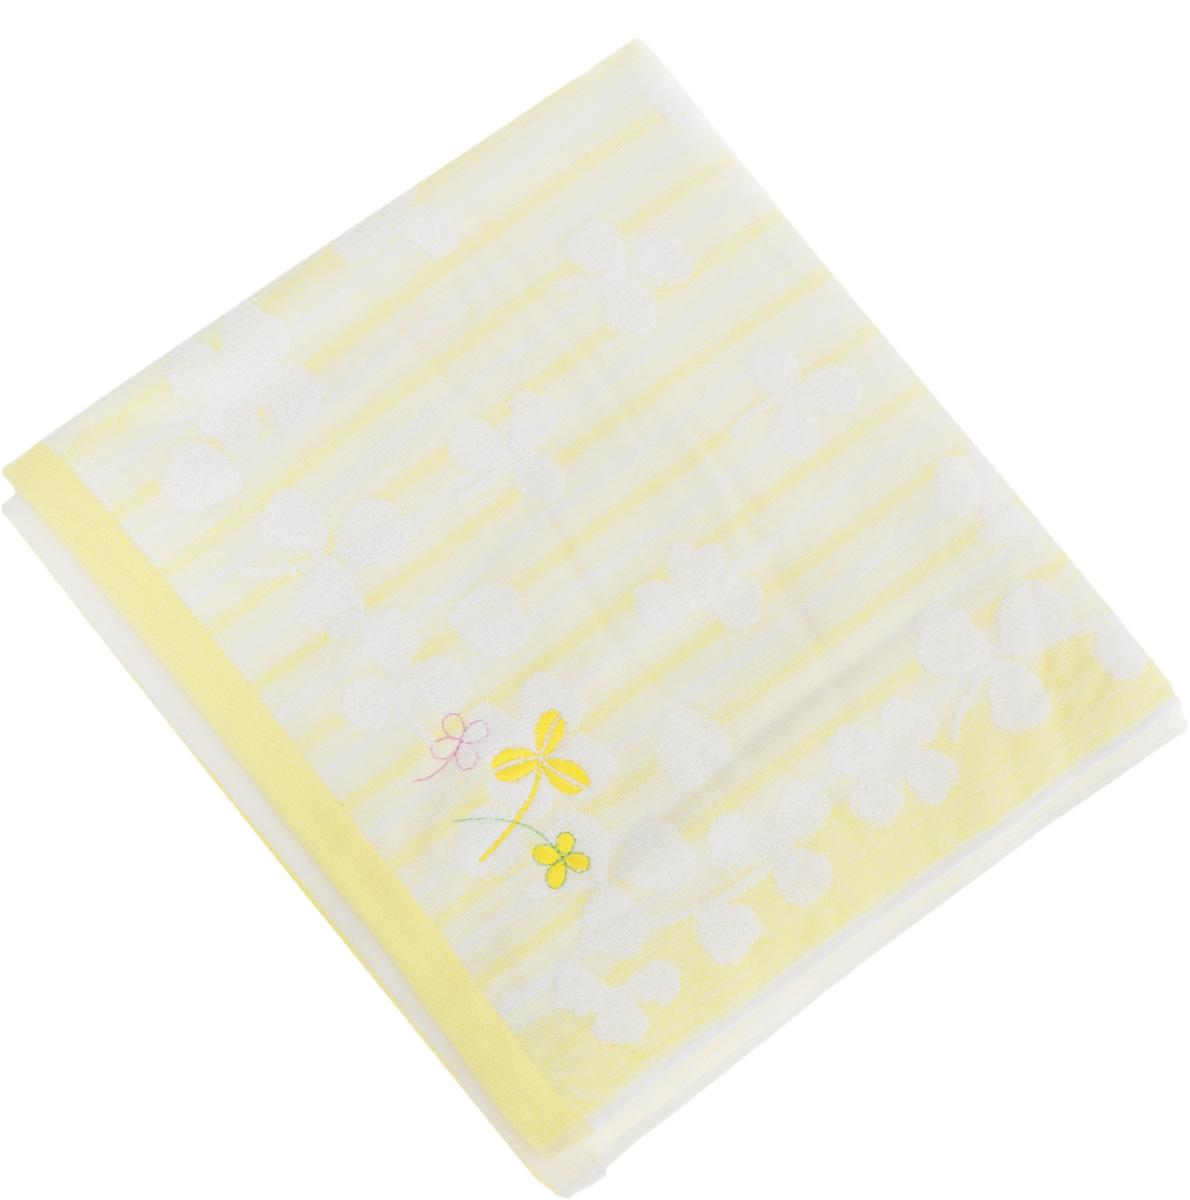 Полотенце Soavita Desy, цвет: желтый, 48 х 90 см65426Полотенце Soavita Desy выполнено из 100% хлопка. Изделие отлично впитывает влагу, быстро сохнет, сохраняет яркость цвета и не теряет форму даже после многократных стирок. Полотенце очень практично и неприхотливо в уходе. Оно создаст прекрасное настроение и украсит интерьер в ванной комнате.